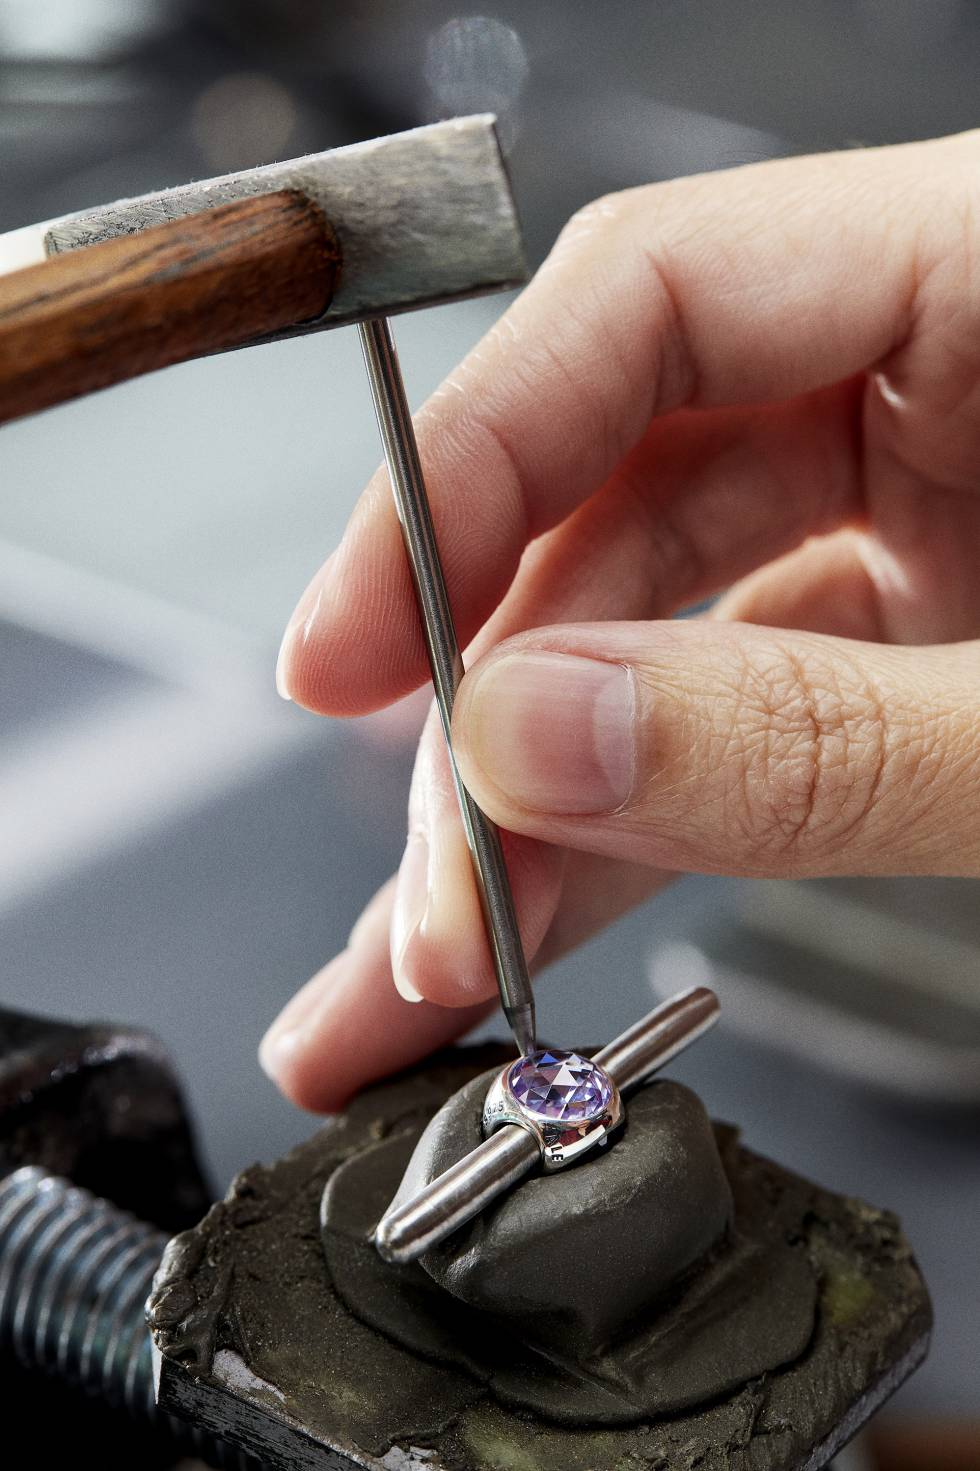 Producidas en Tailandia, todas las joyas se fabrican de forma artesanal.